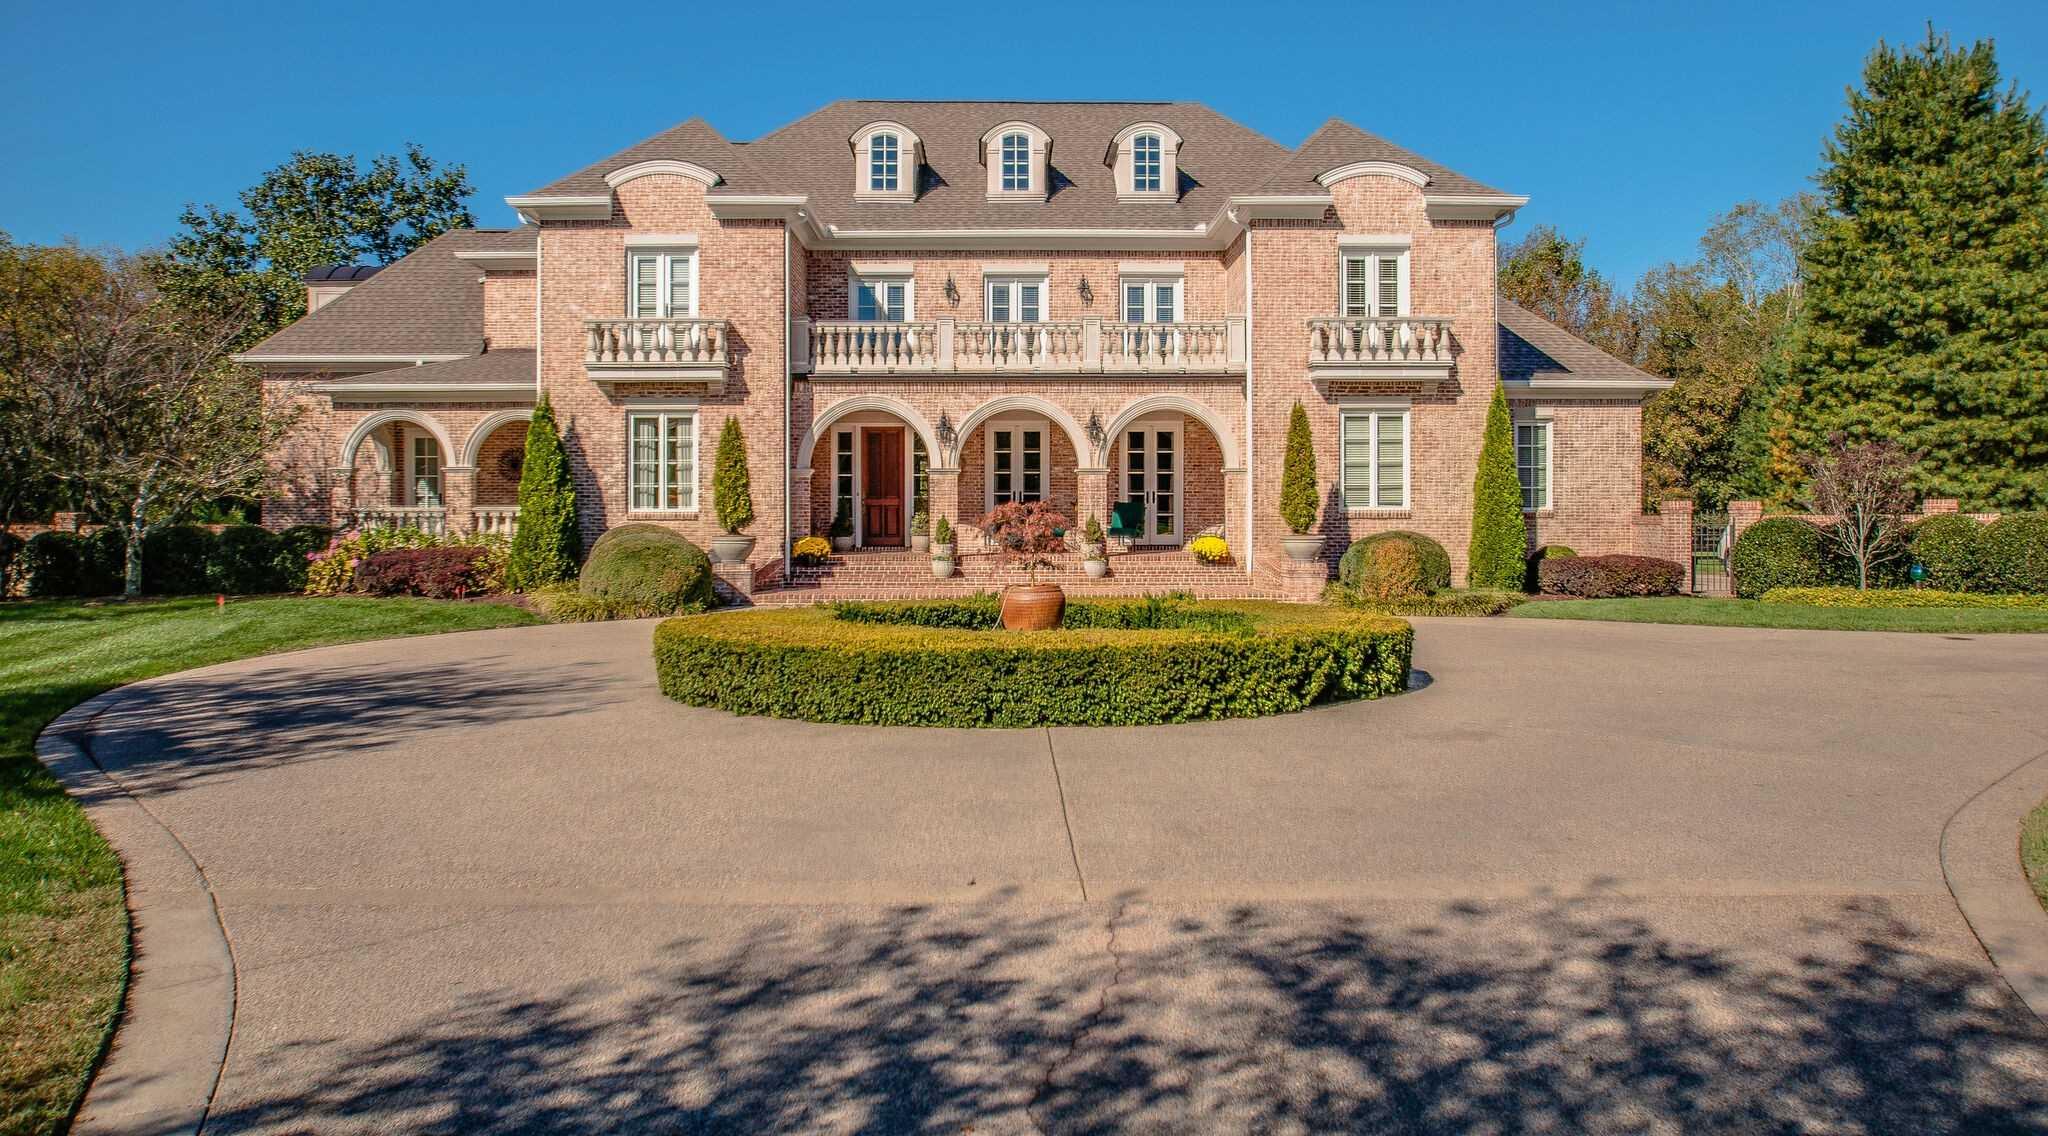 $2,890,000 - 5Br/6Ba -  for Sale in Hidden River, Franklin